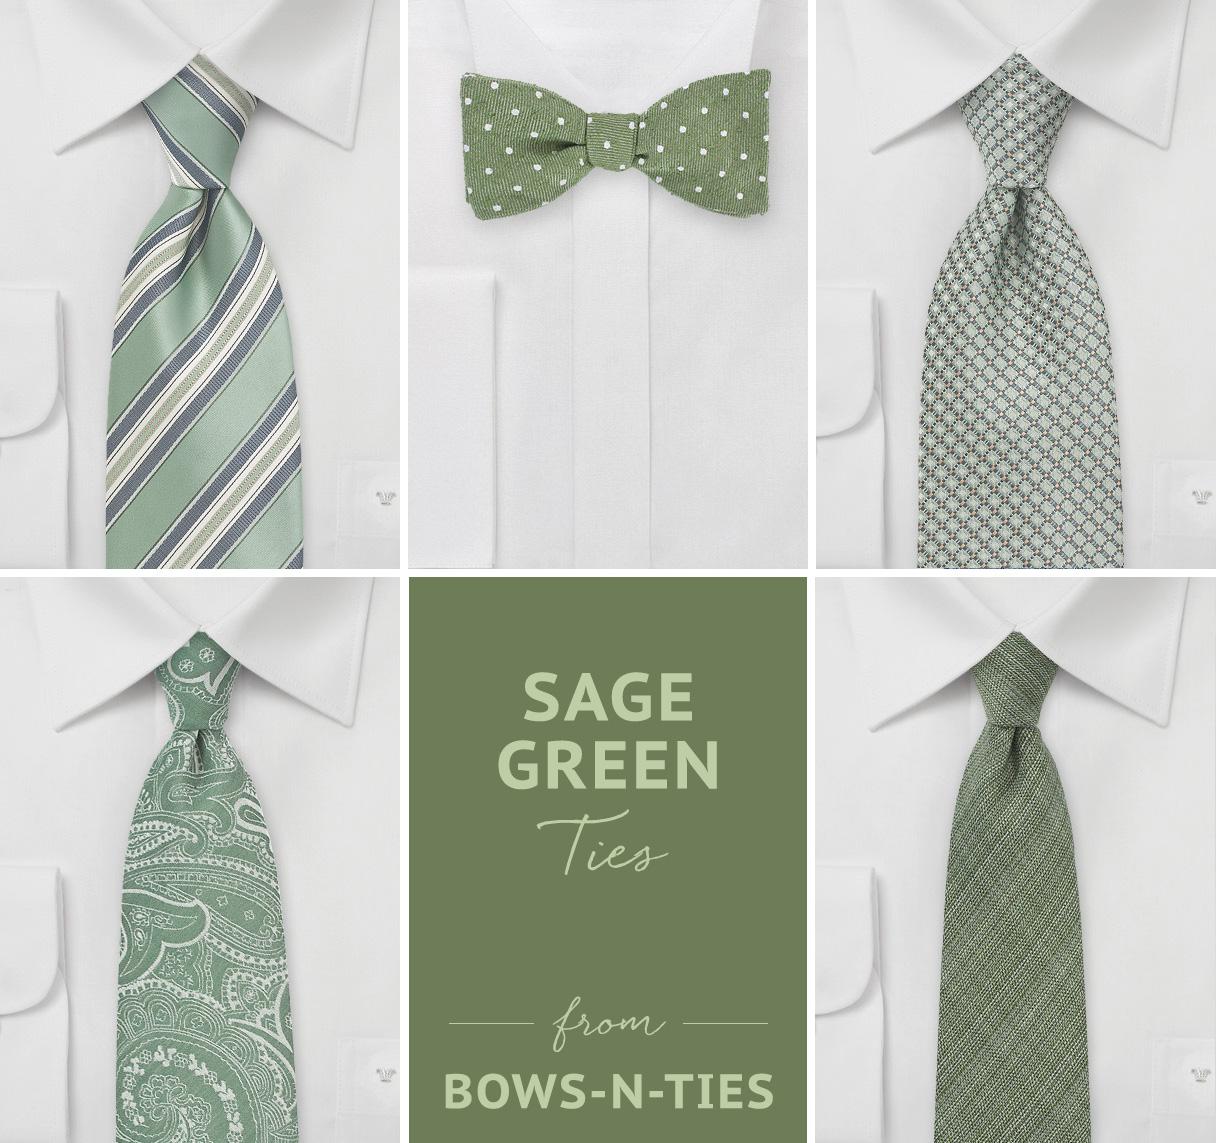 Sage Green Ties from Bows-N-Ties